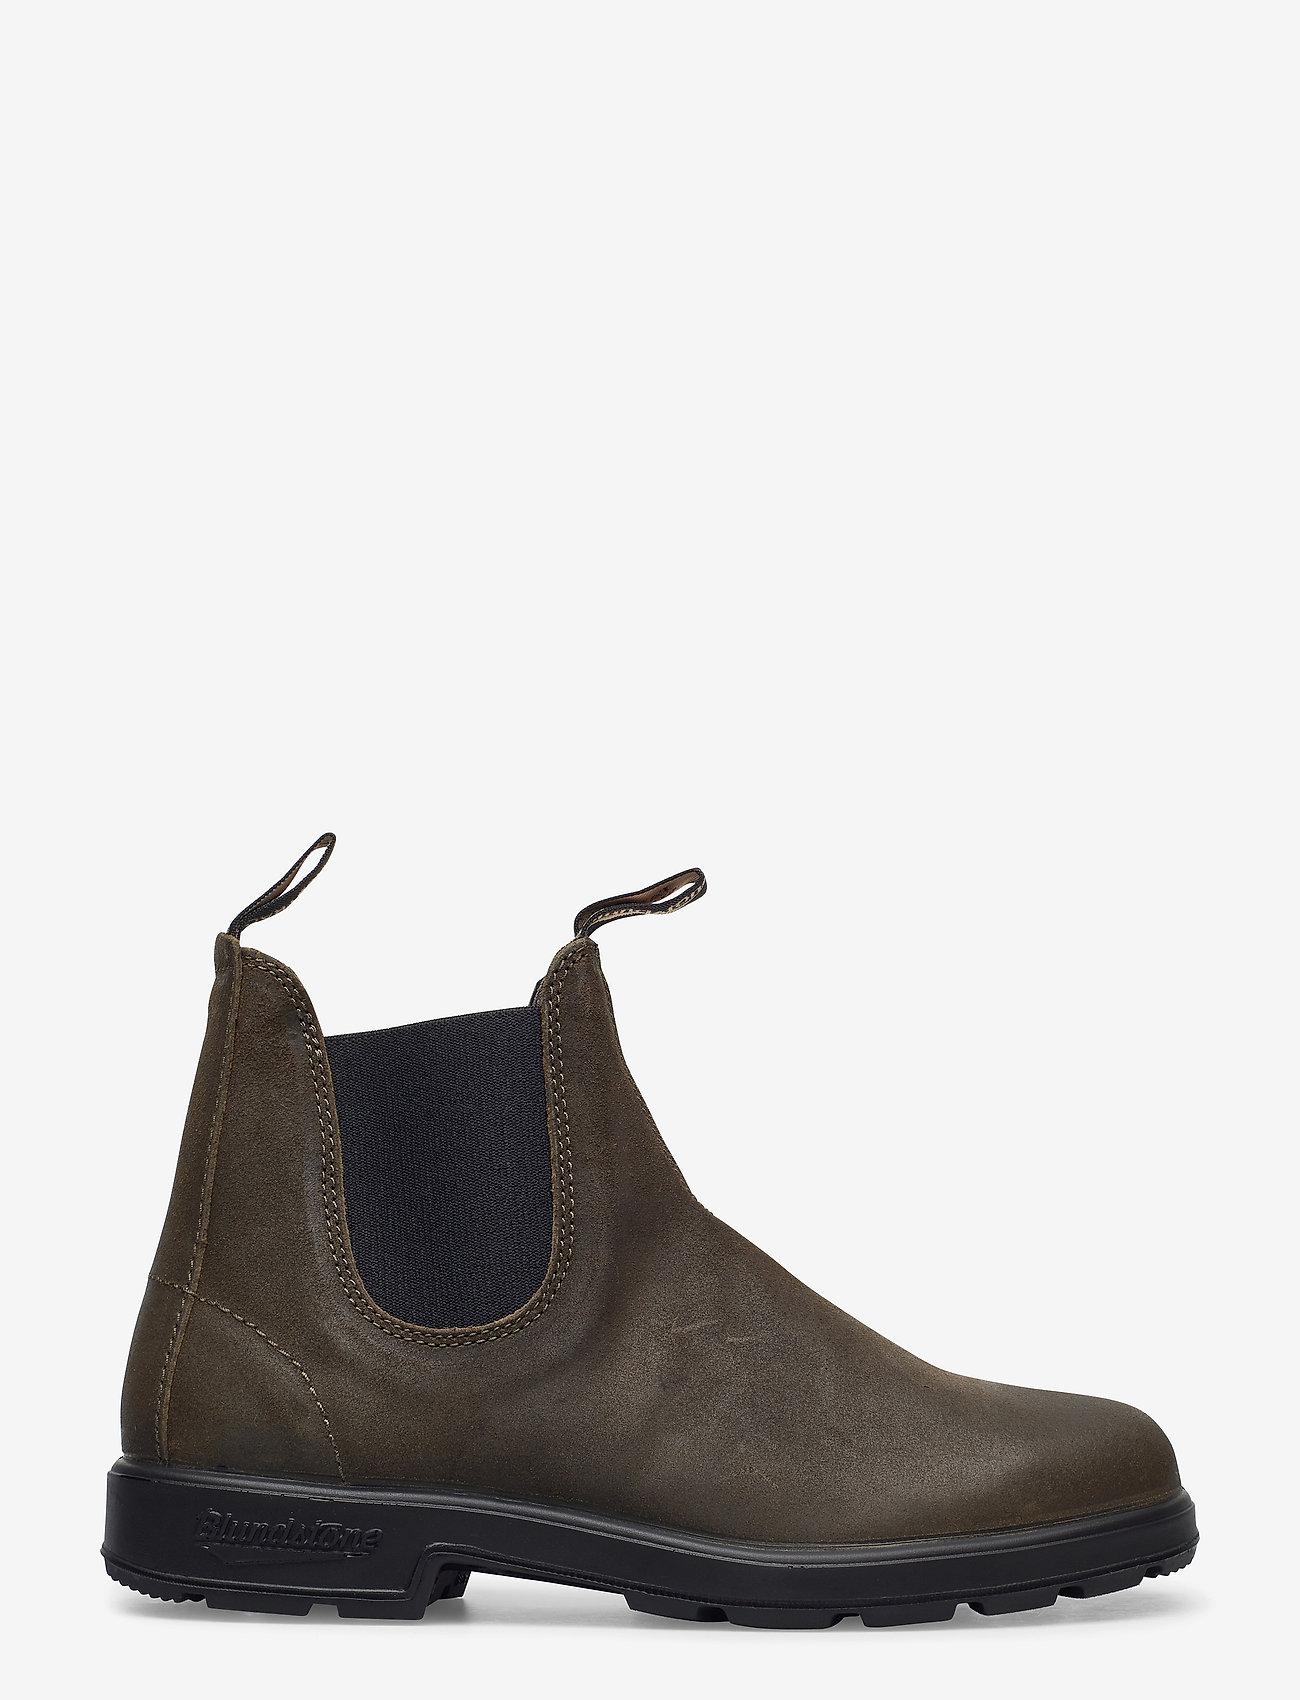 Blundstone - BL CLASSICS (PU/TPU SOLE) - chelsea boots - dark olive - 0